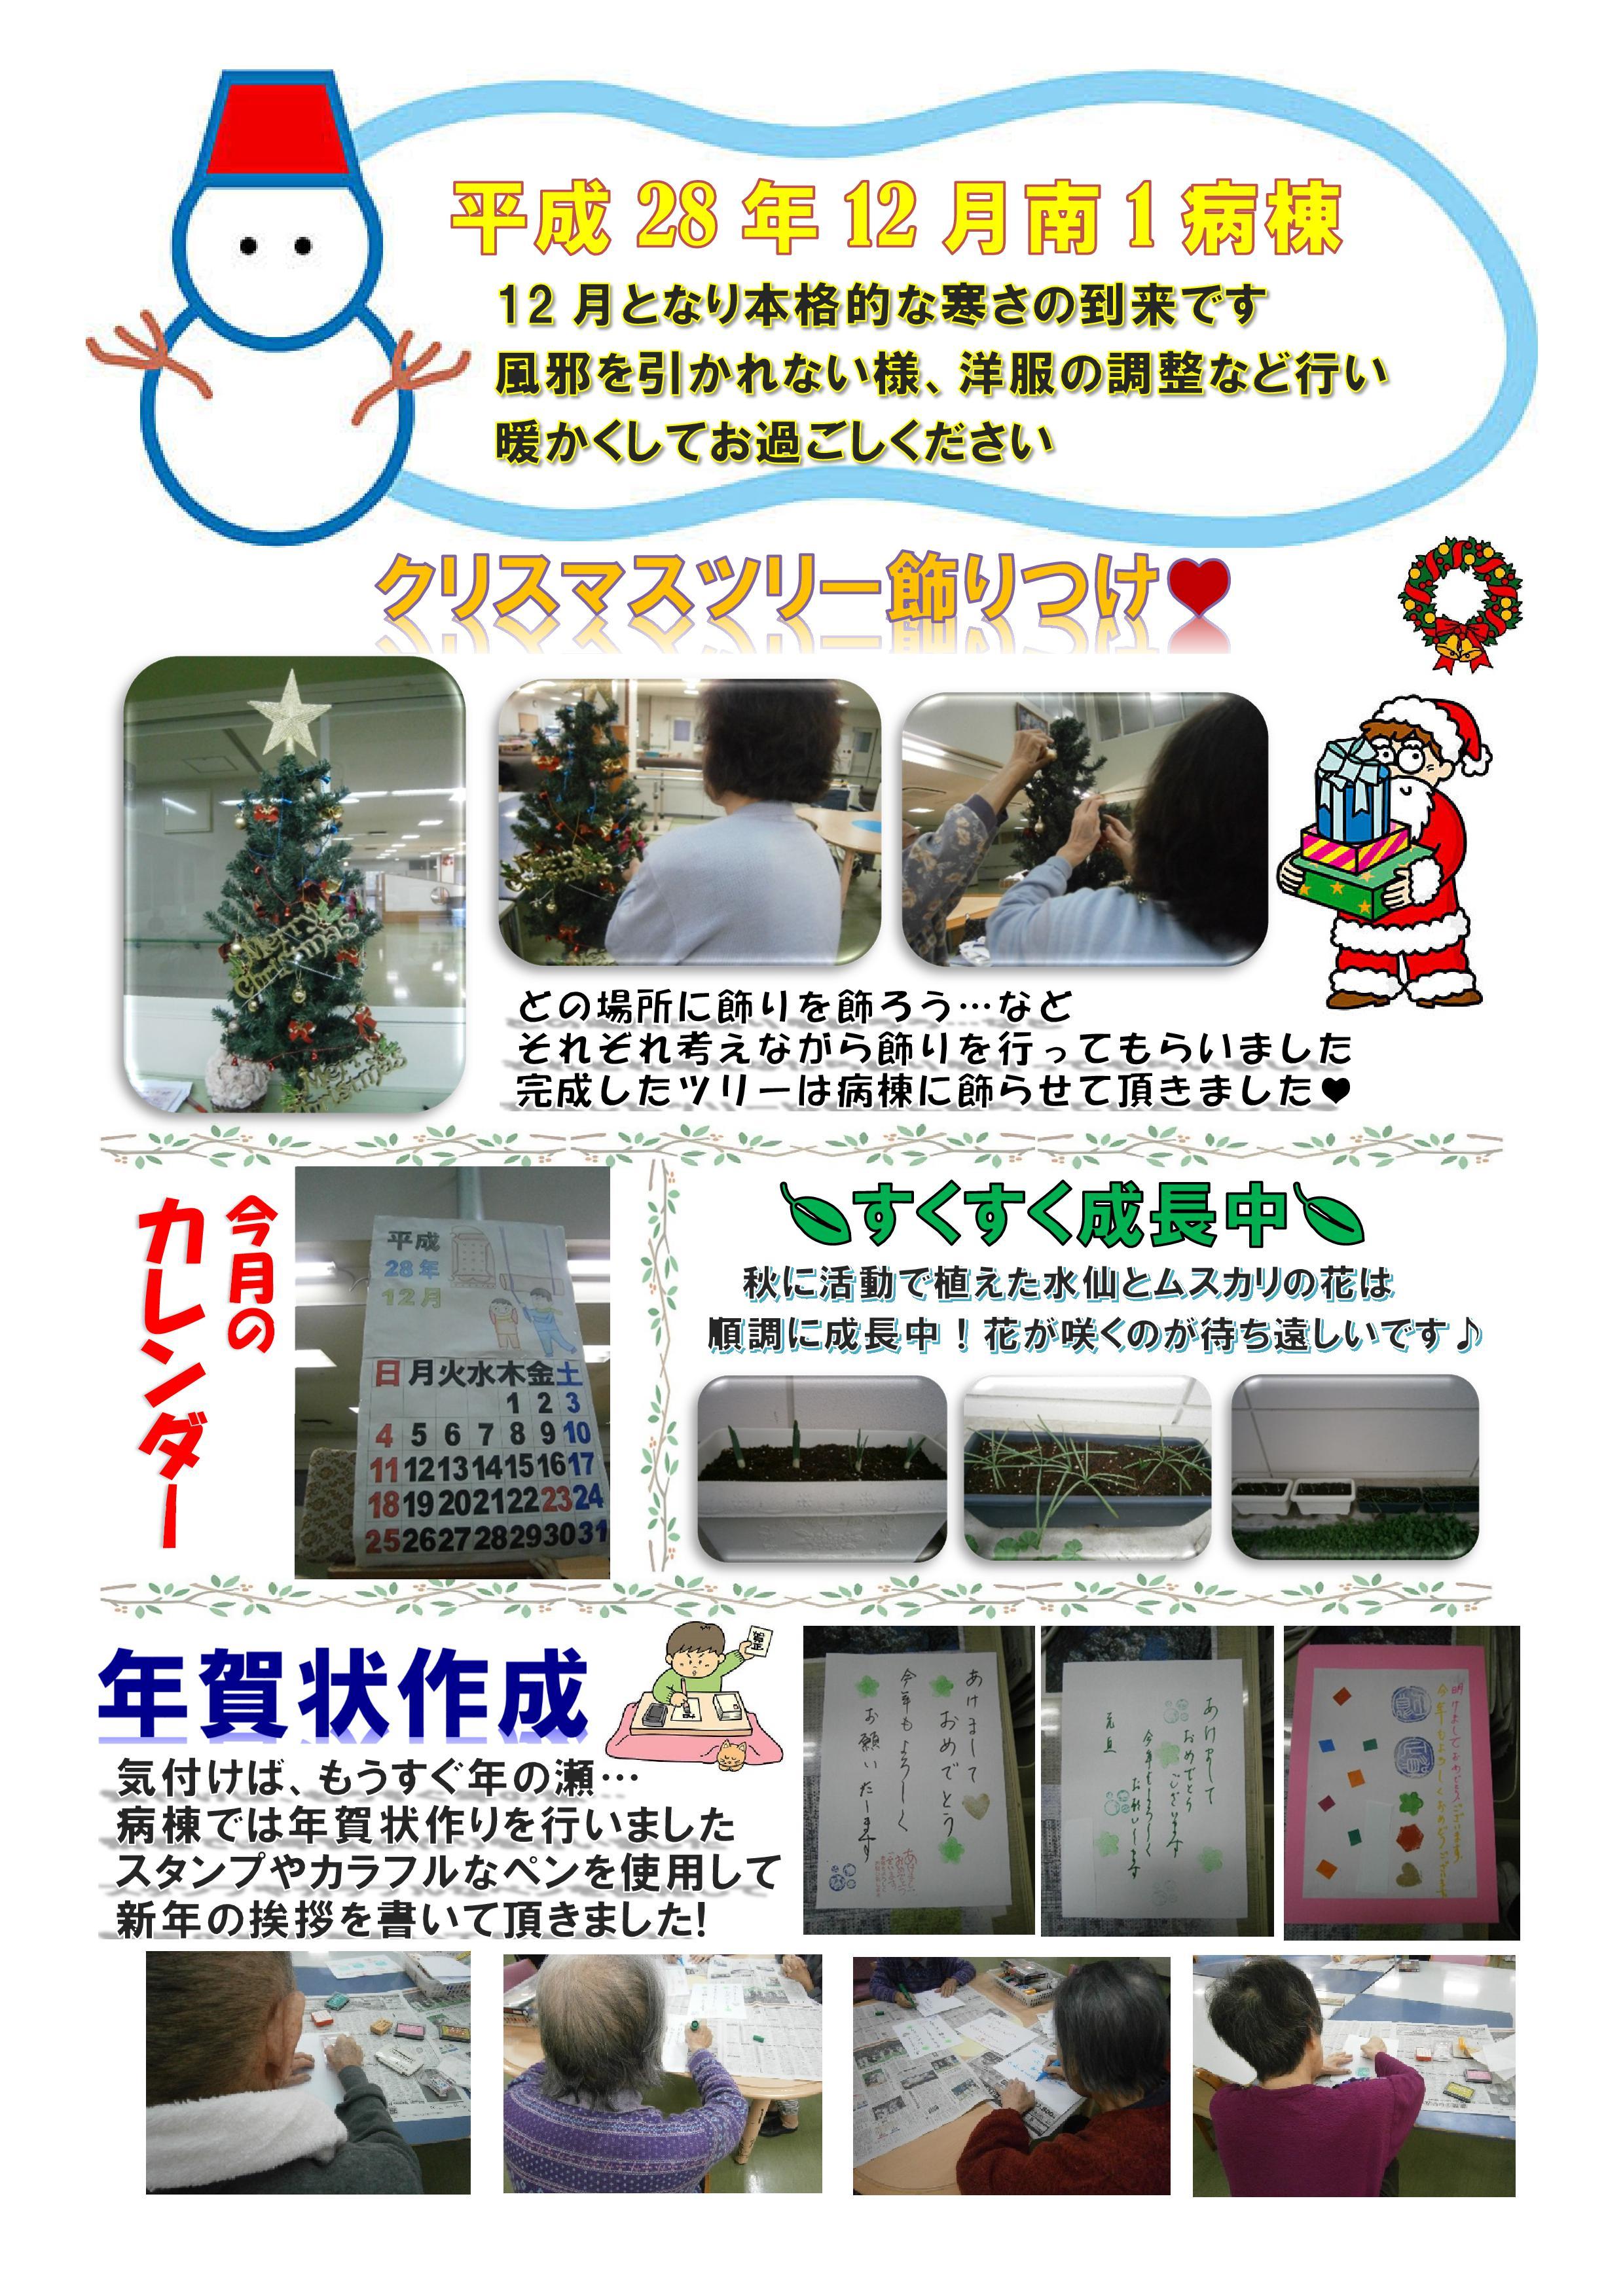 minami1_working_201612